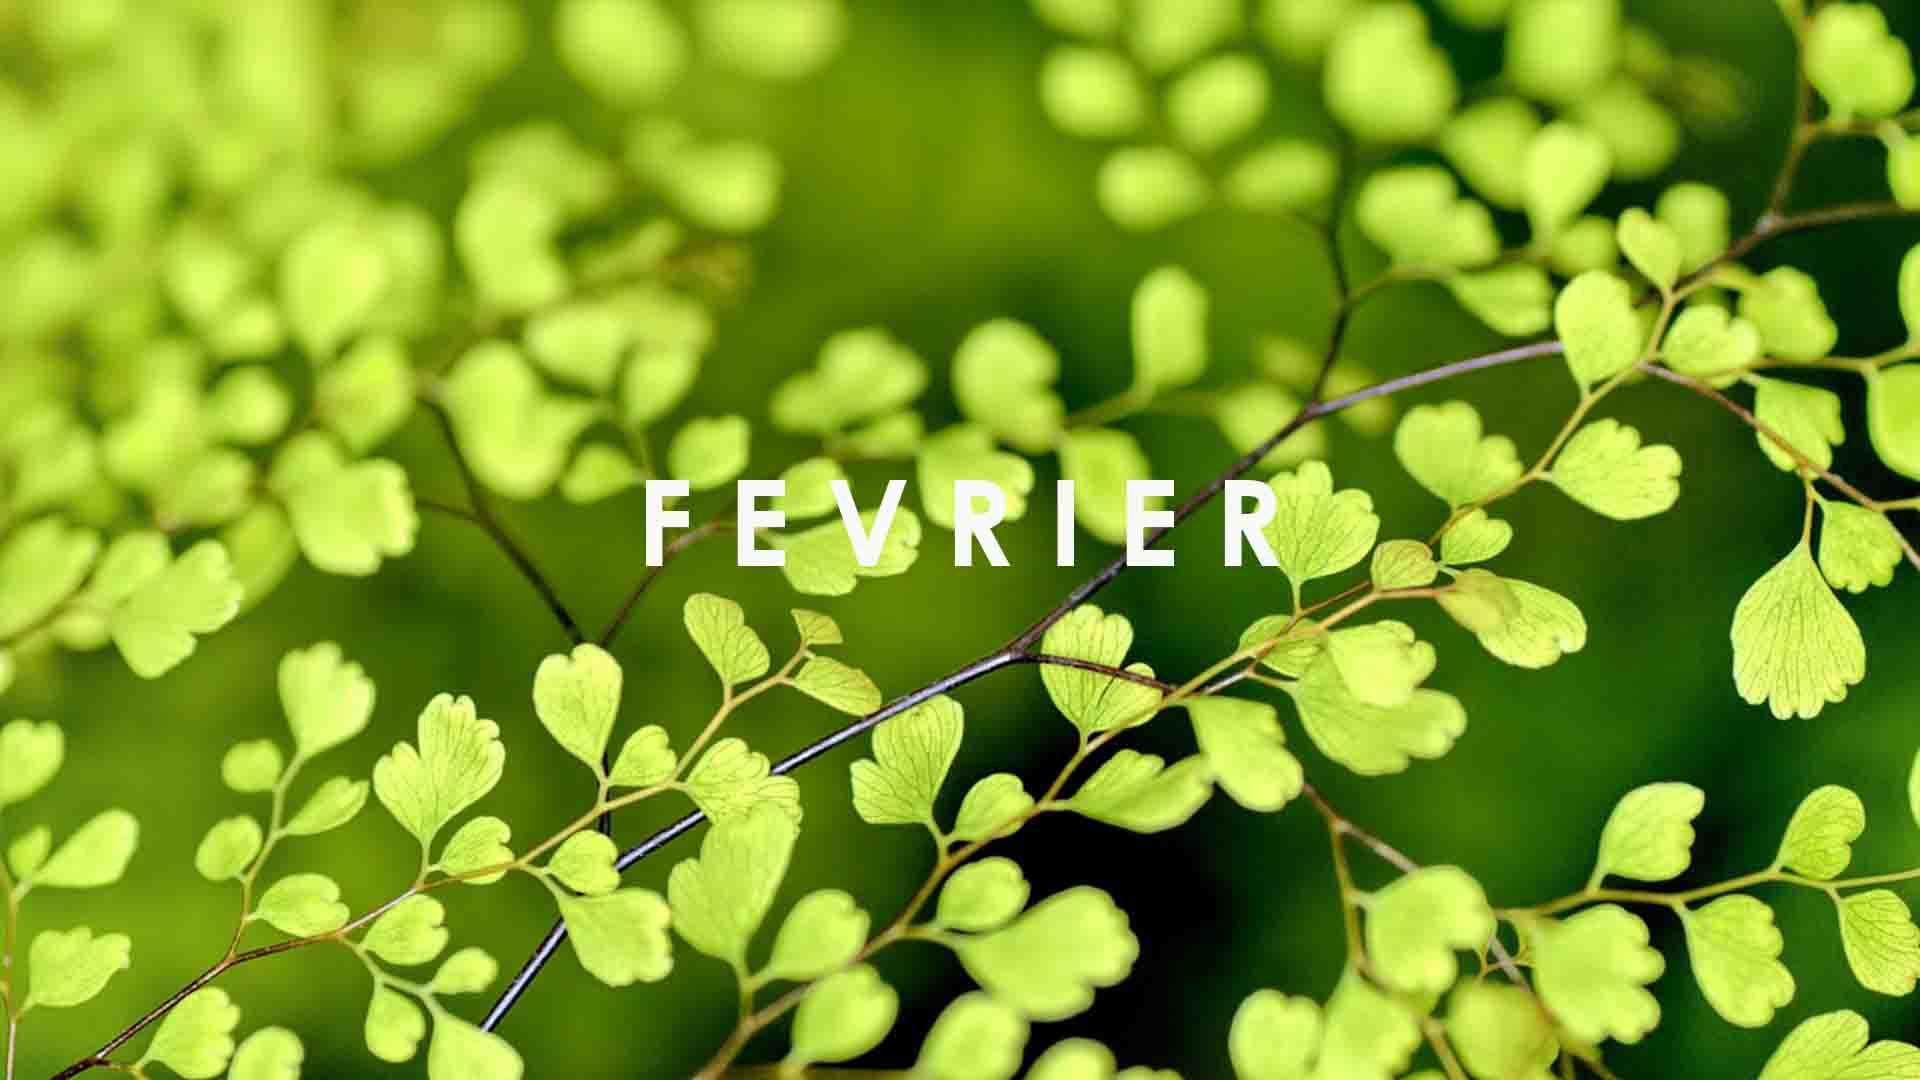 fruits legume saison fevrier